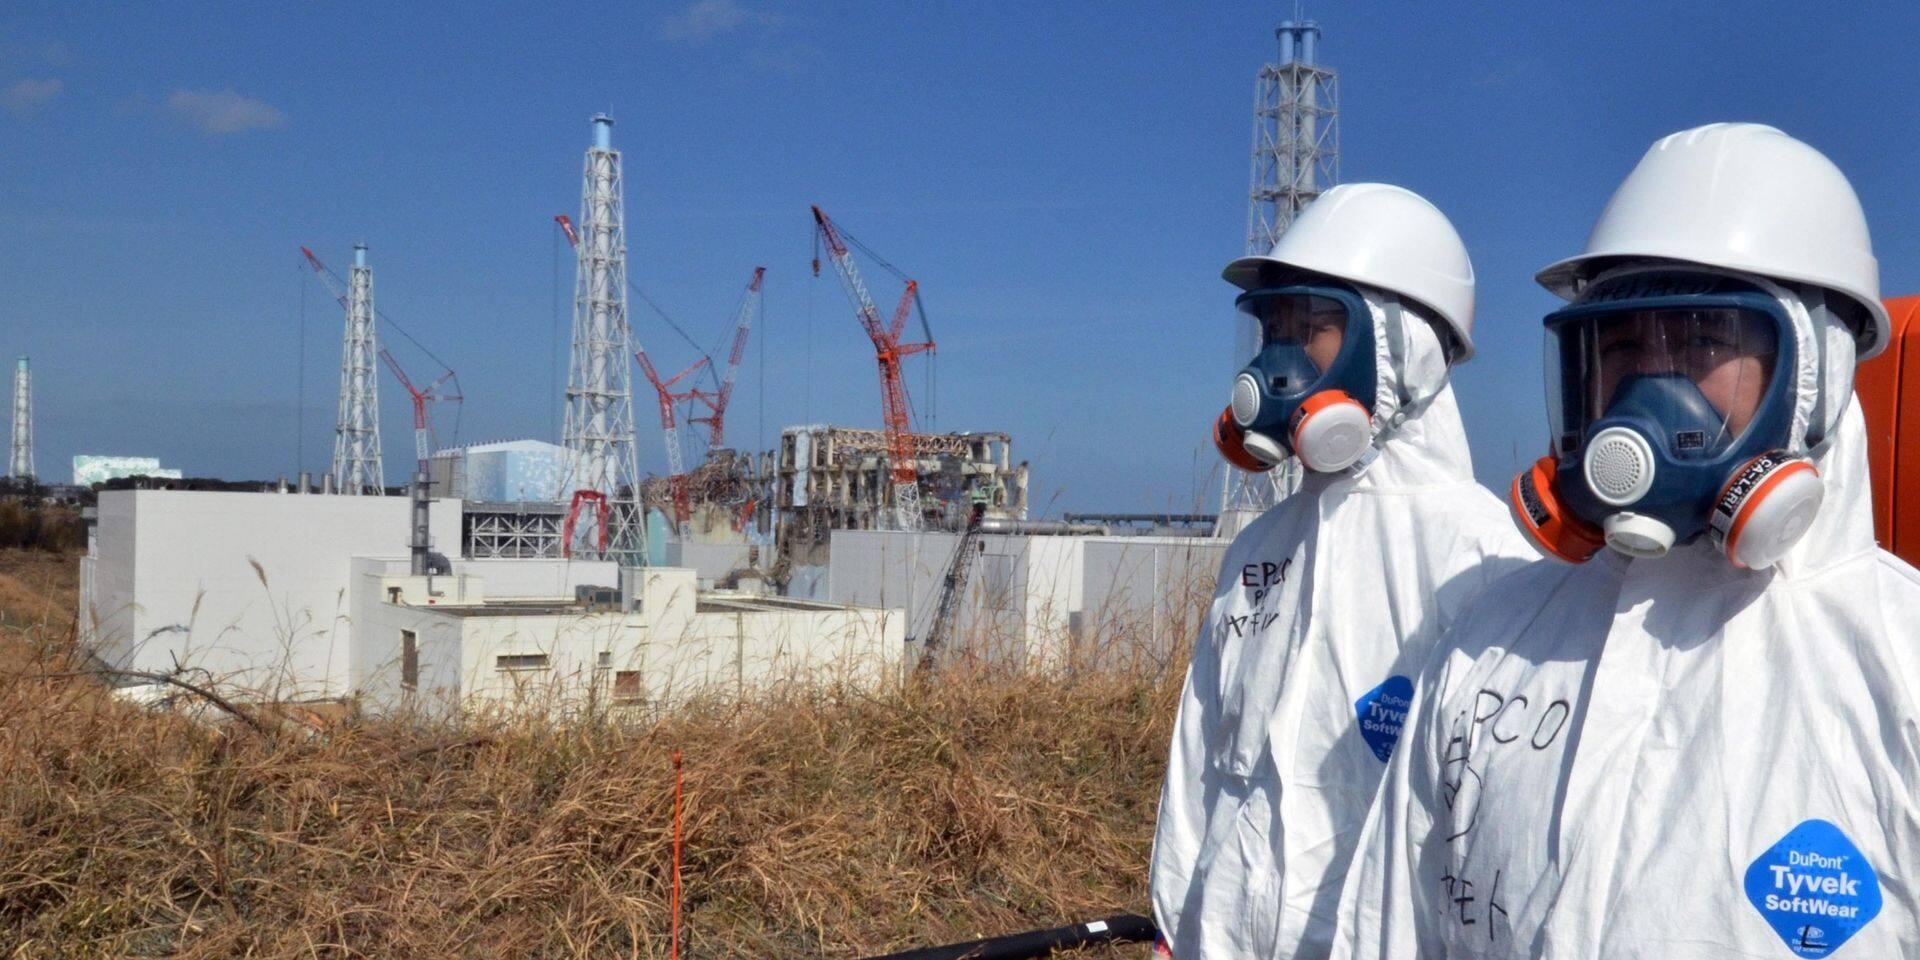 Japon : un réacteur nucléaire endommagé par le tsunami de 2011 autorisé à redémarrer